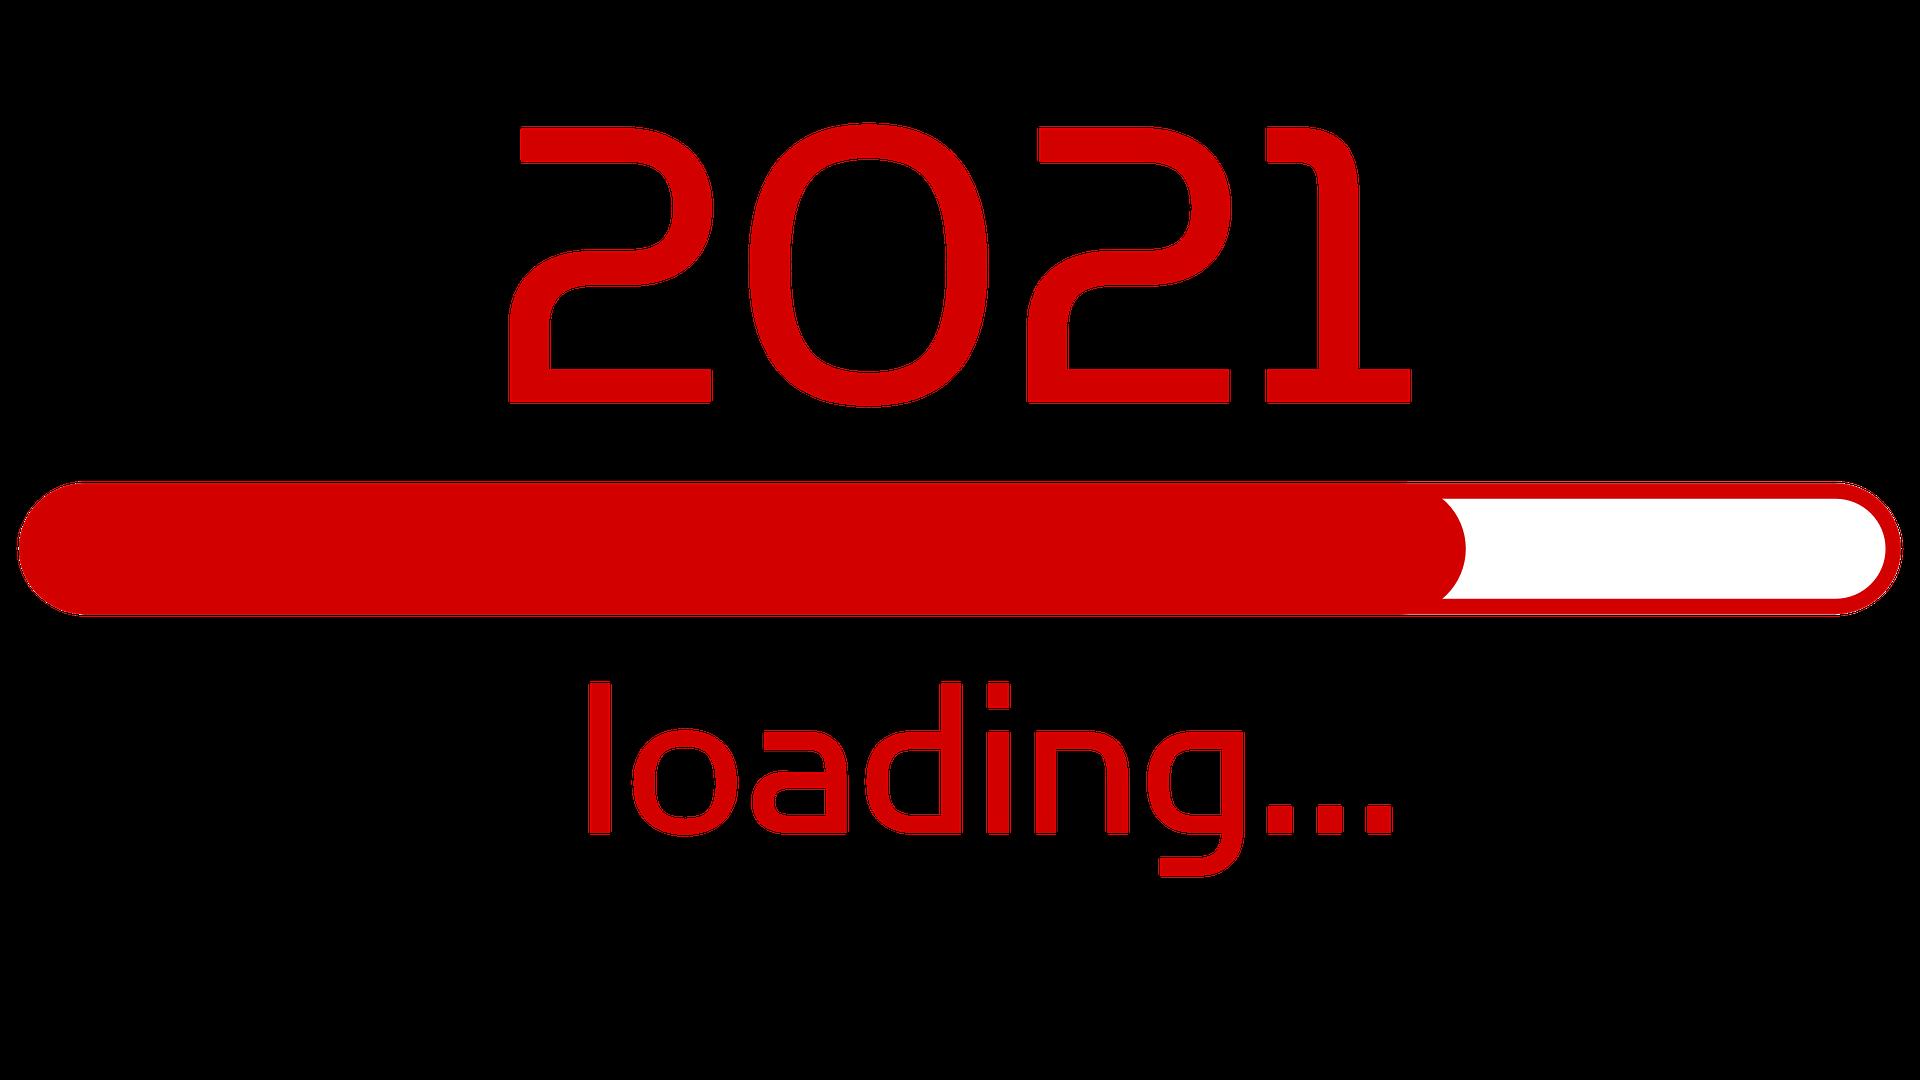 Brückentage 2021 - So verlängerst du deinen Urlaub - Dein ...